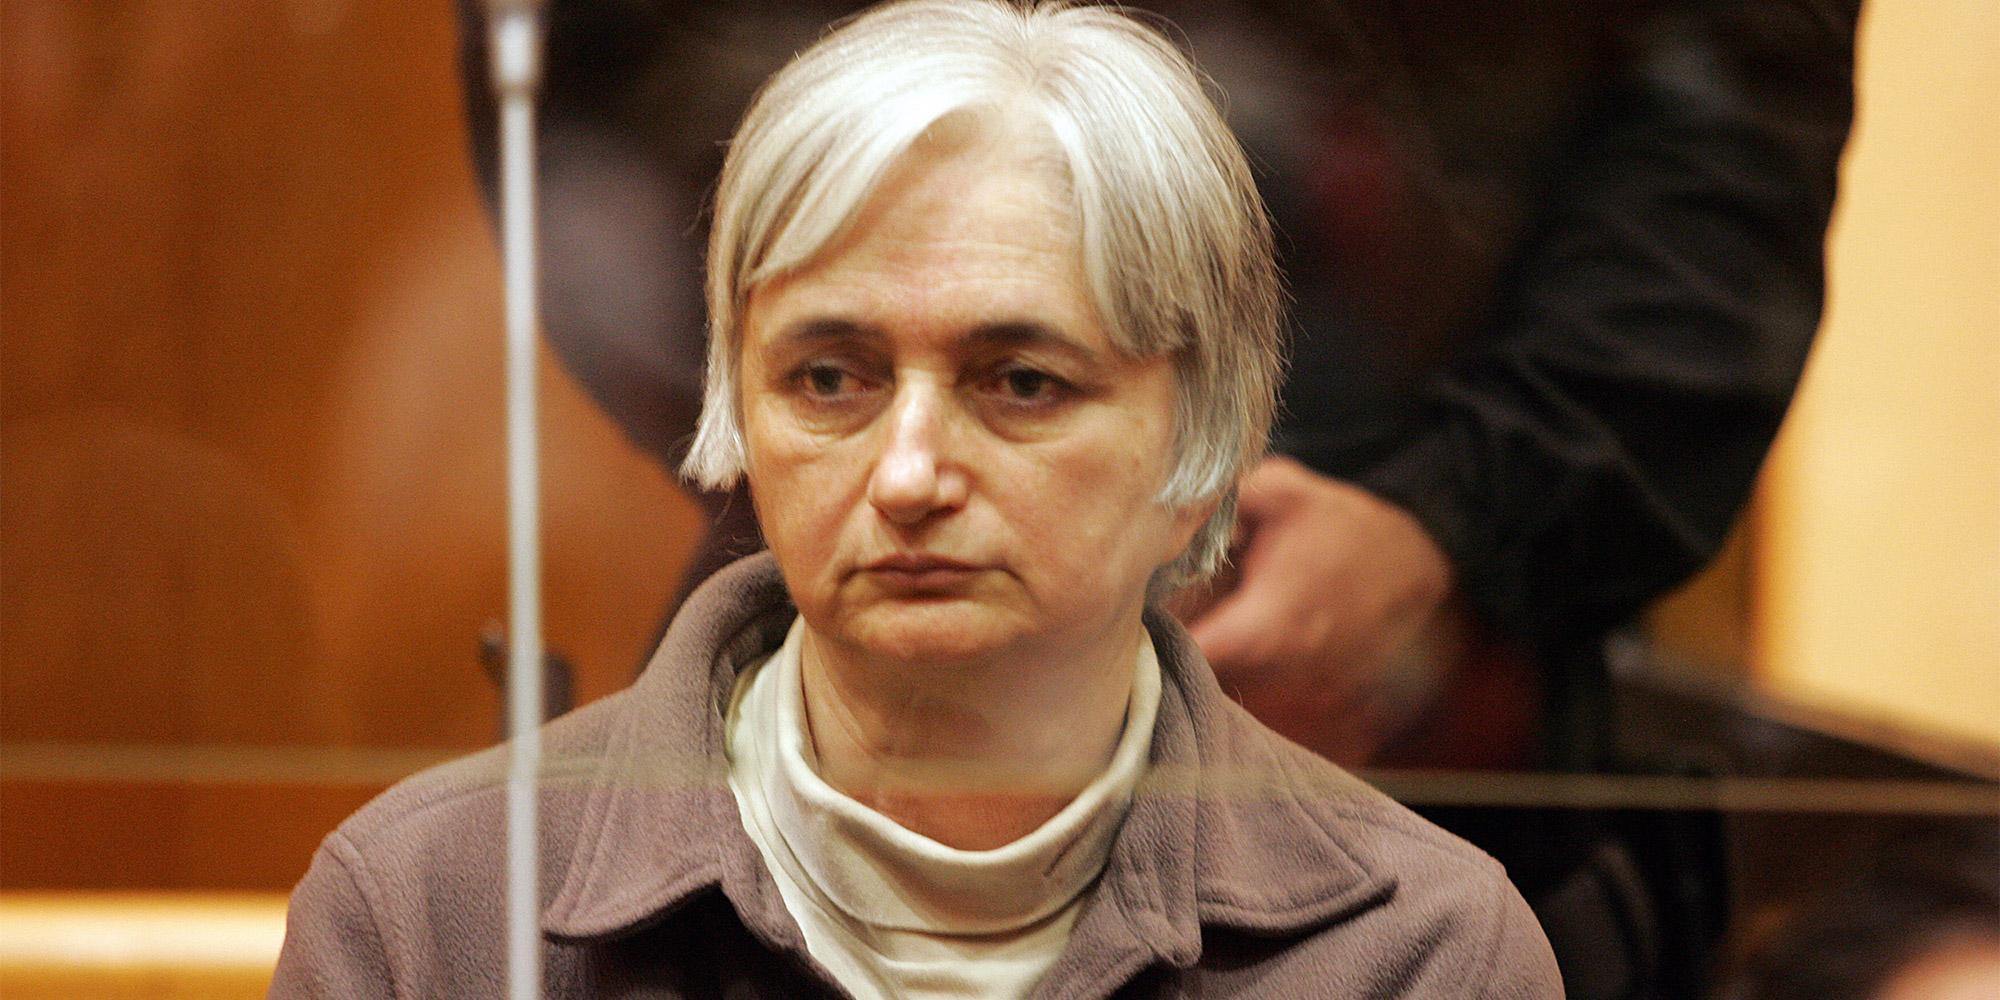 Affaire Estelle Mouzin : Monique Olivier, la clé de l'énigme